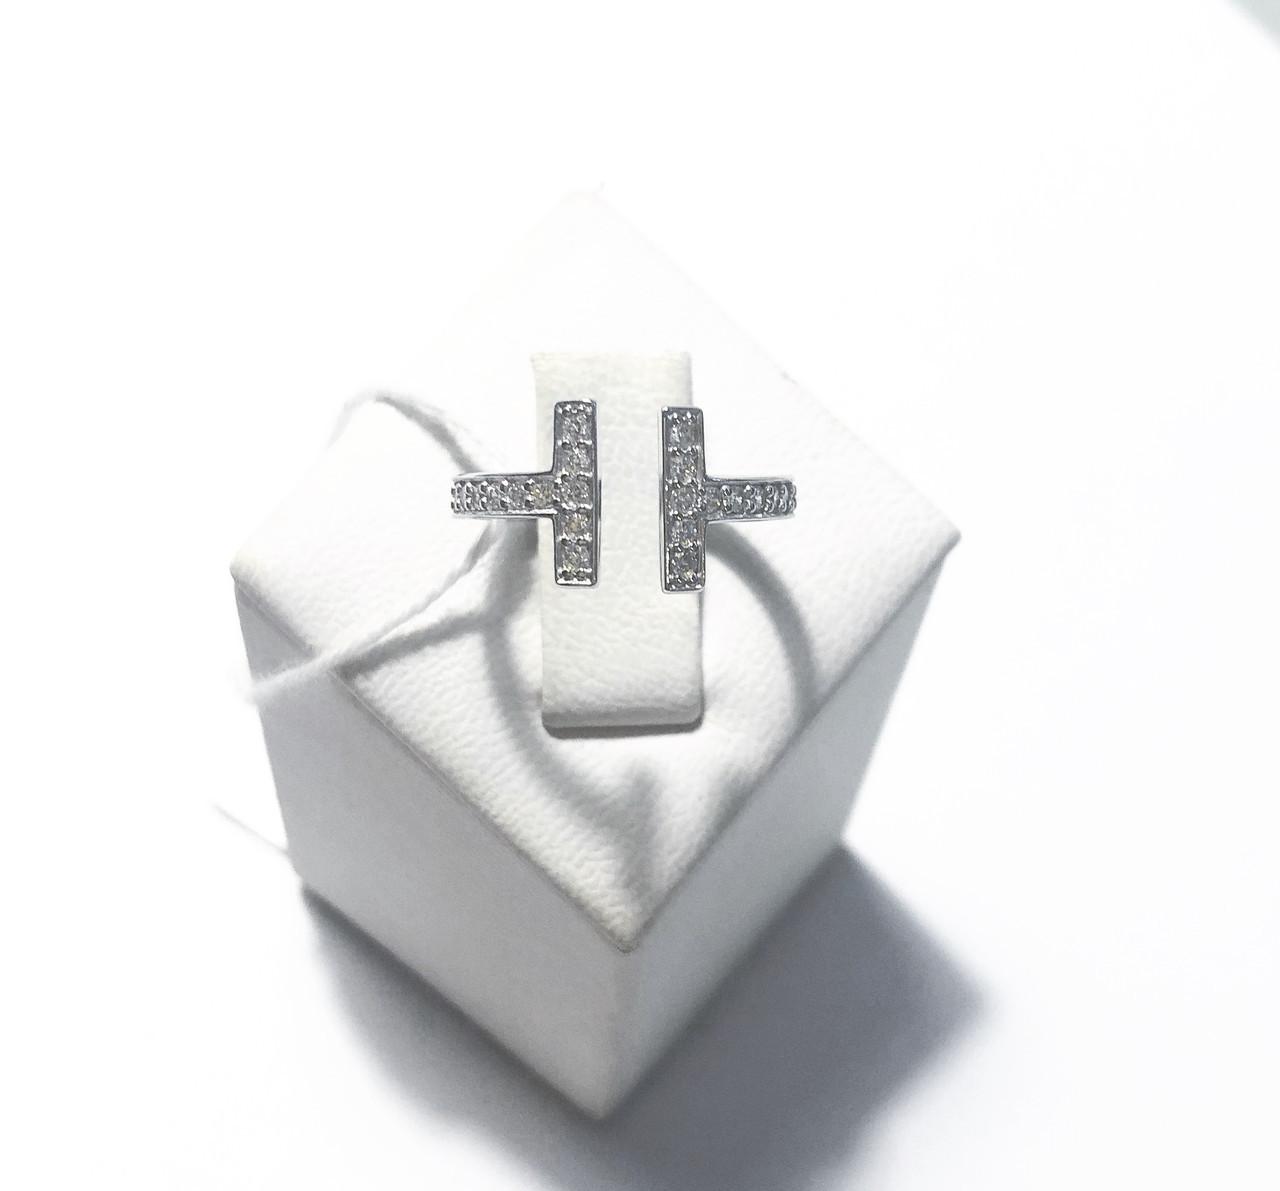 Кольцо из серебра с куб. цирконами в стиле Tiffany 2 (размеры 16, 16.5)